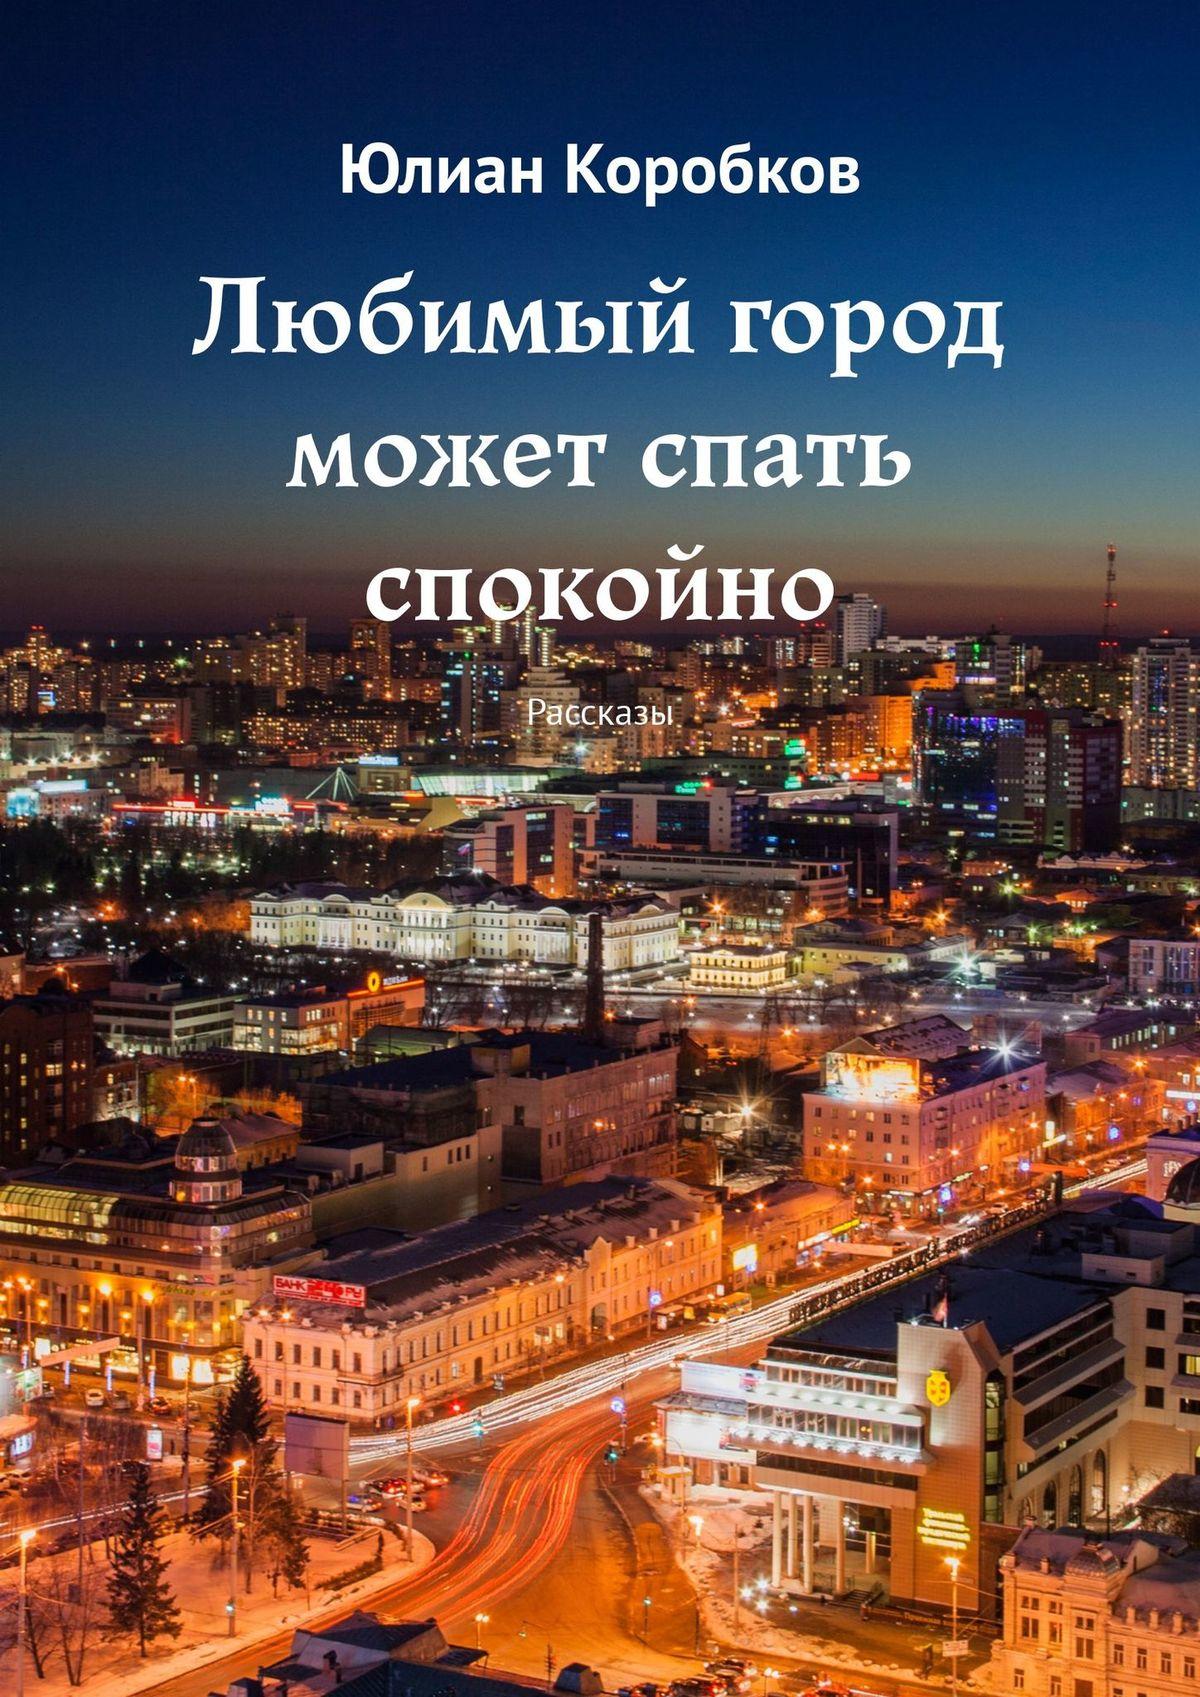 Любимый город может спать спокойно. Рассказы